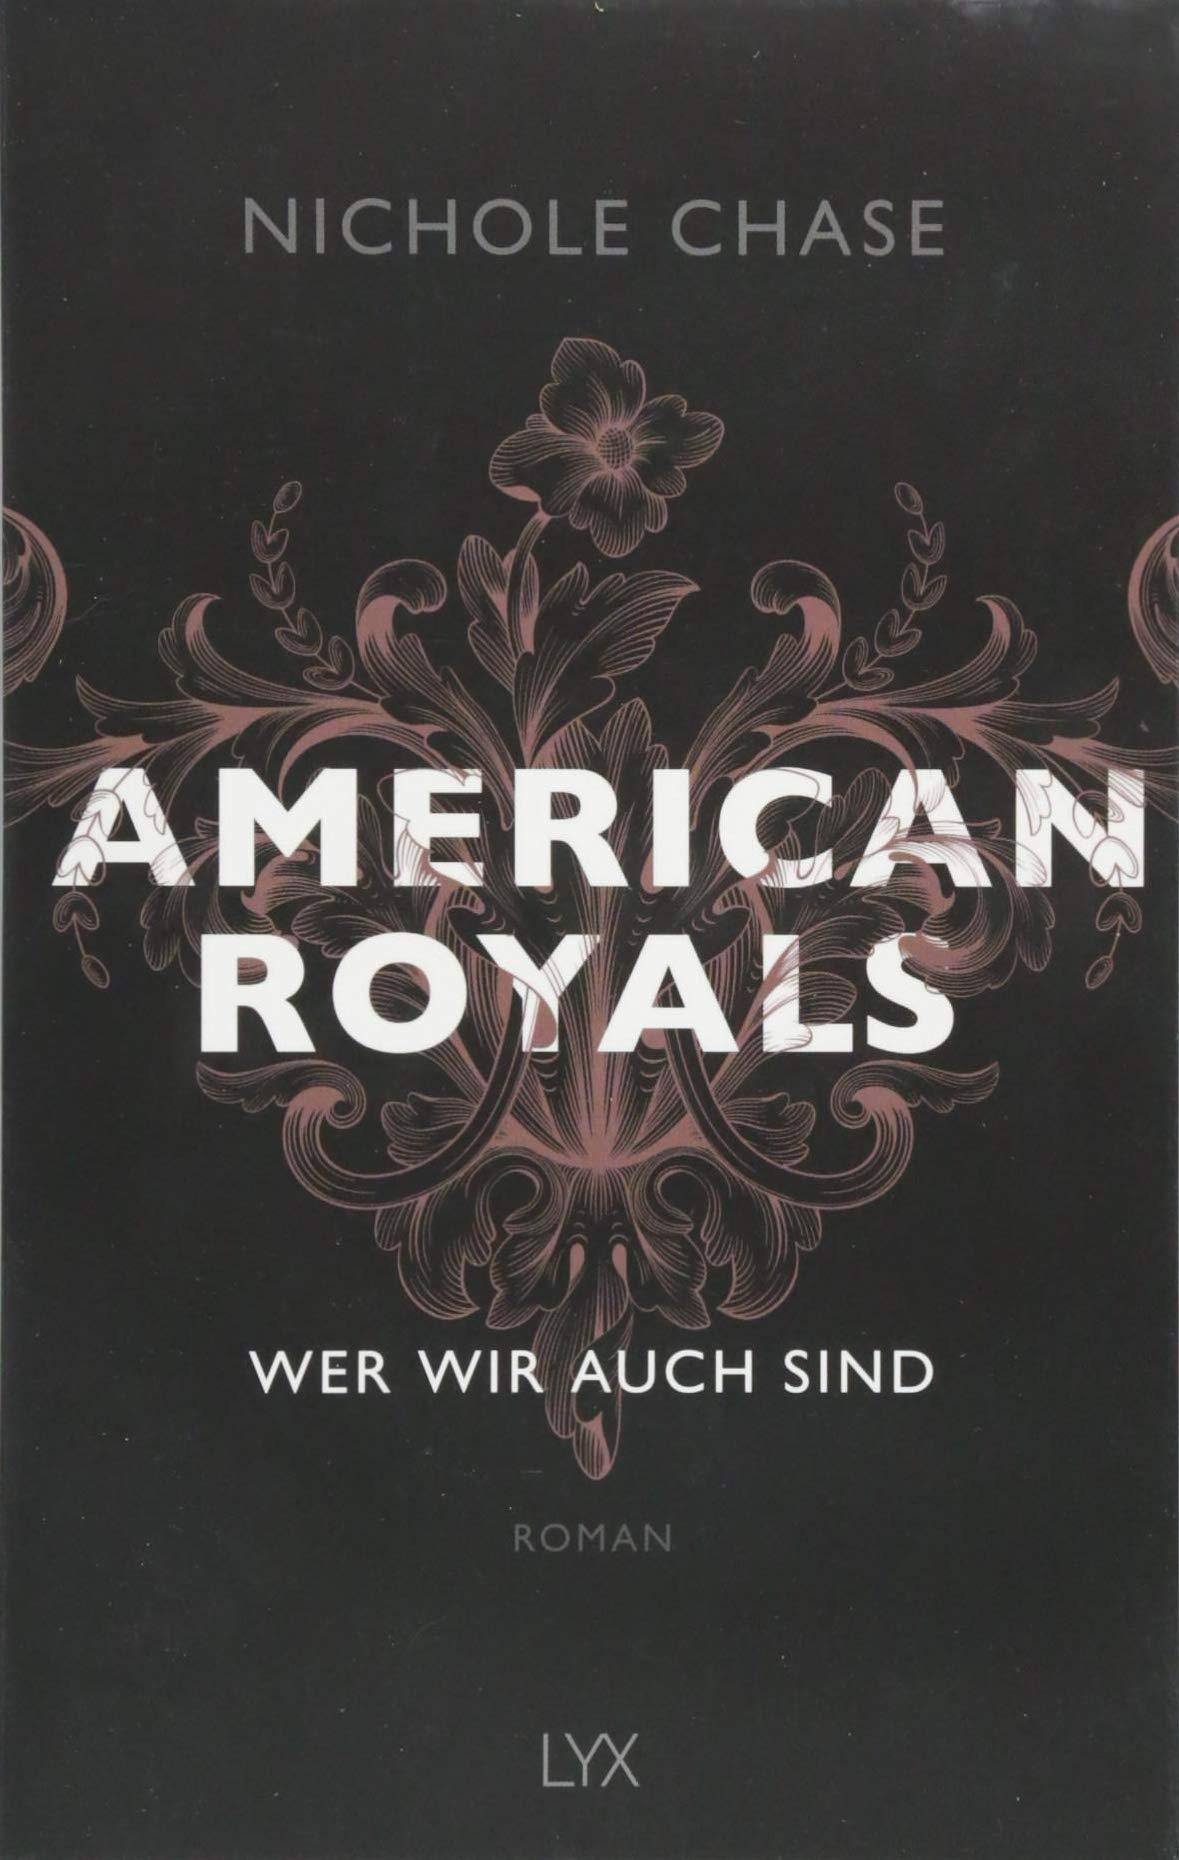 American Royals - Wer wir auch sind (American-Royals-Reihe, Band 1) Broschiert – 31. August 2018 Nichole Chase Wiebke Pilz LYX 3736307101